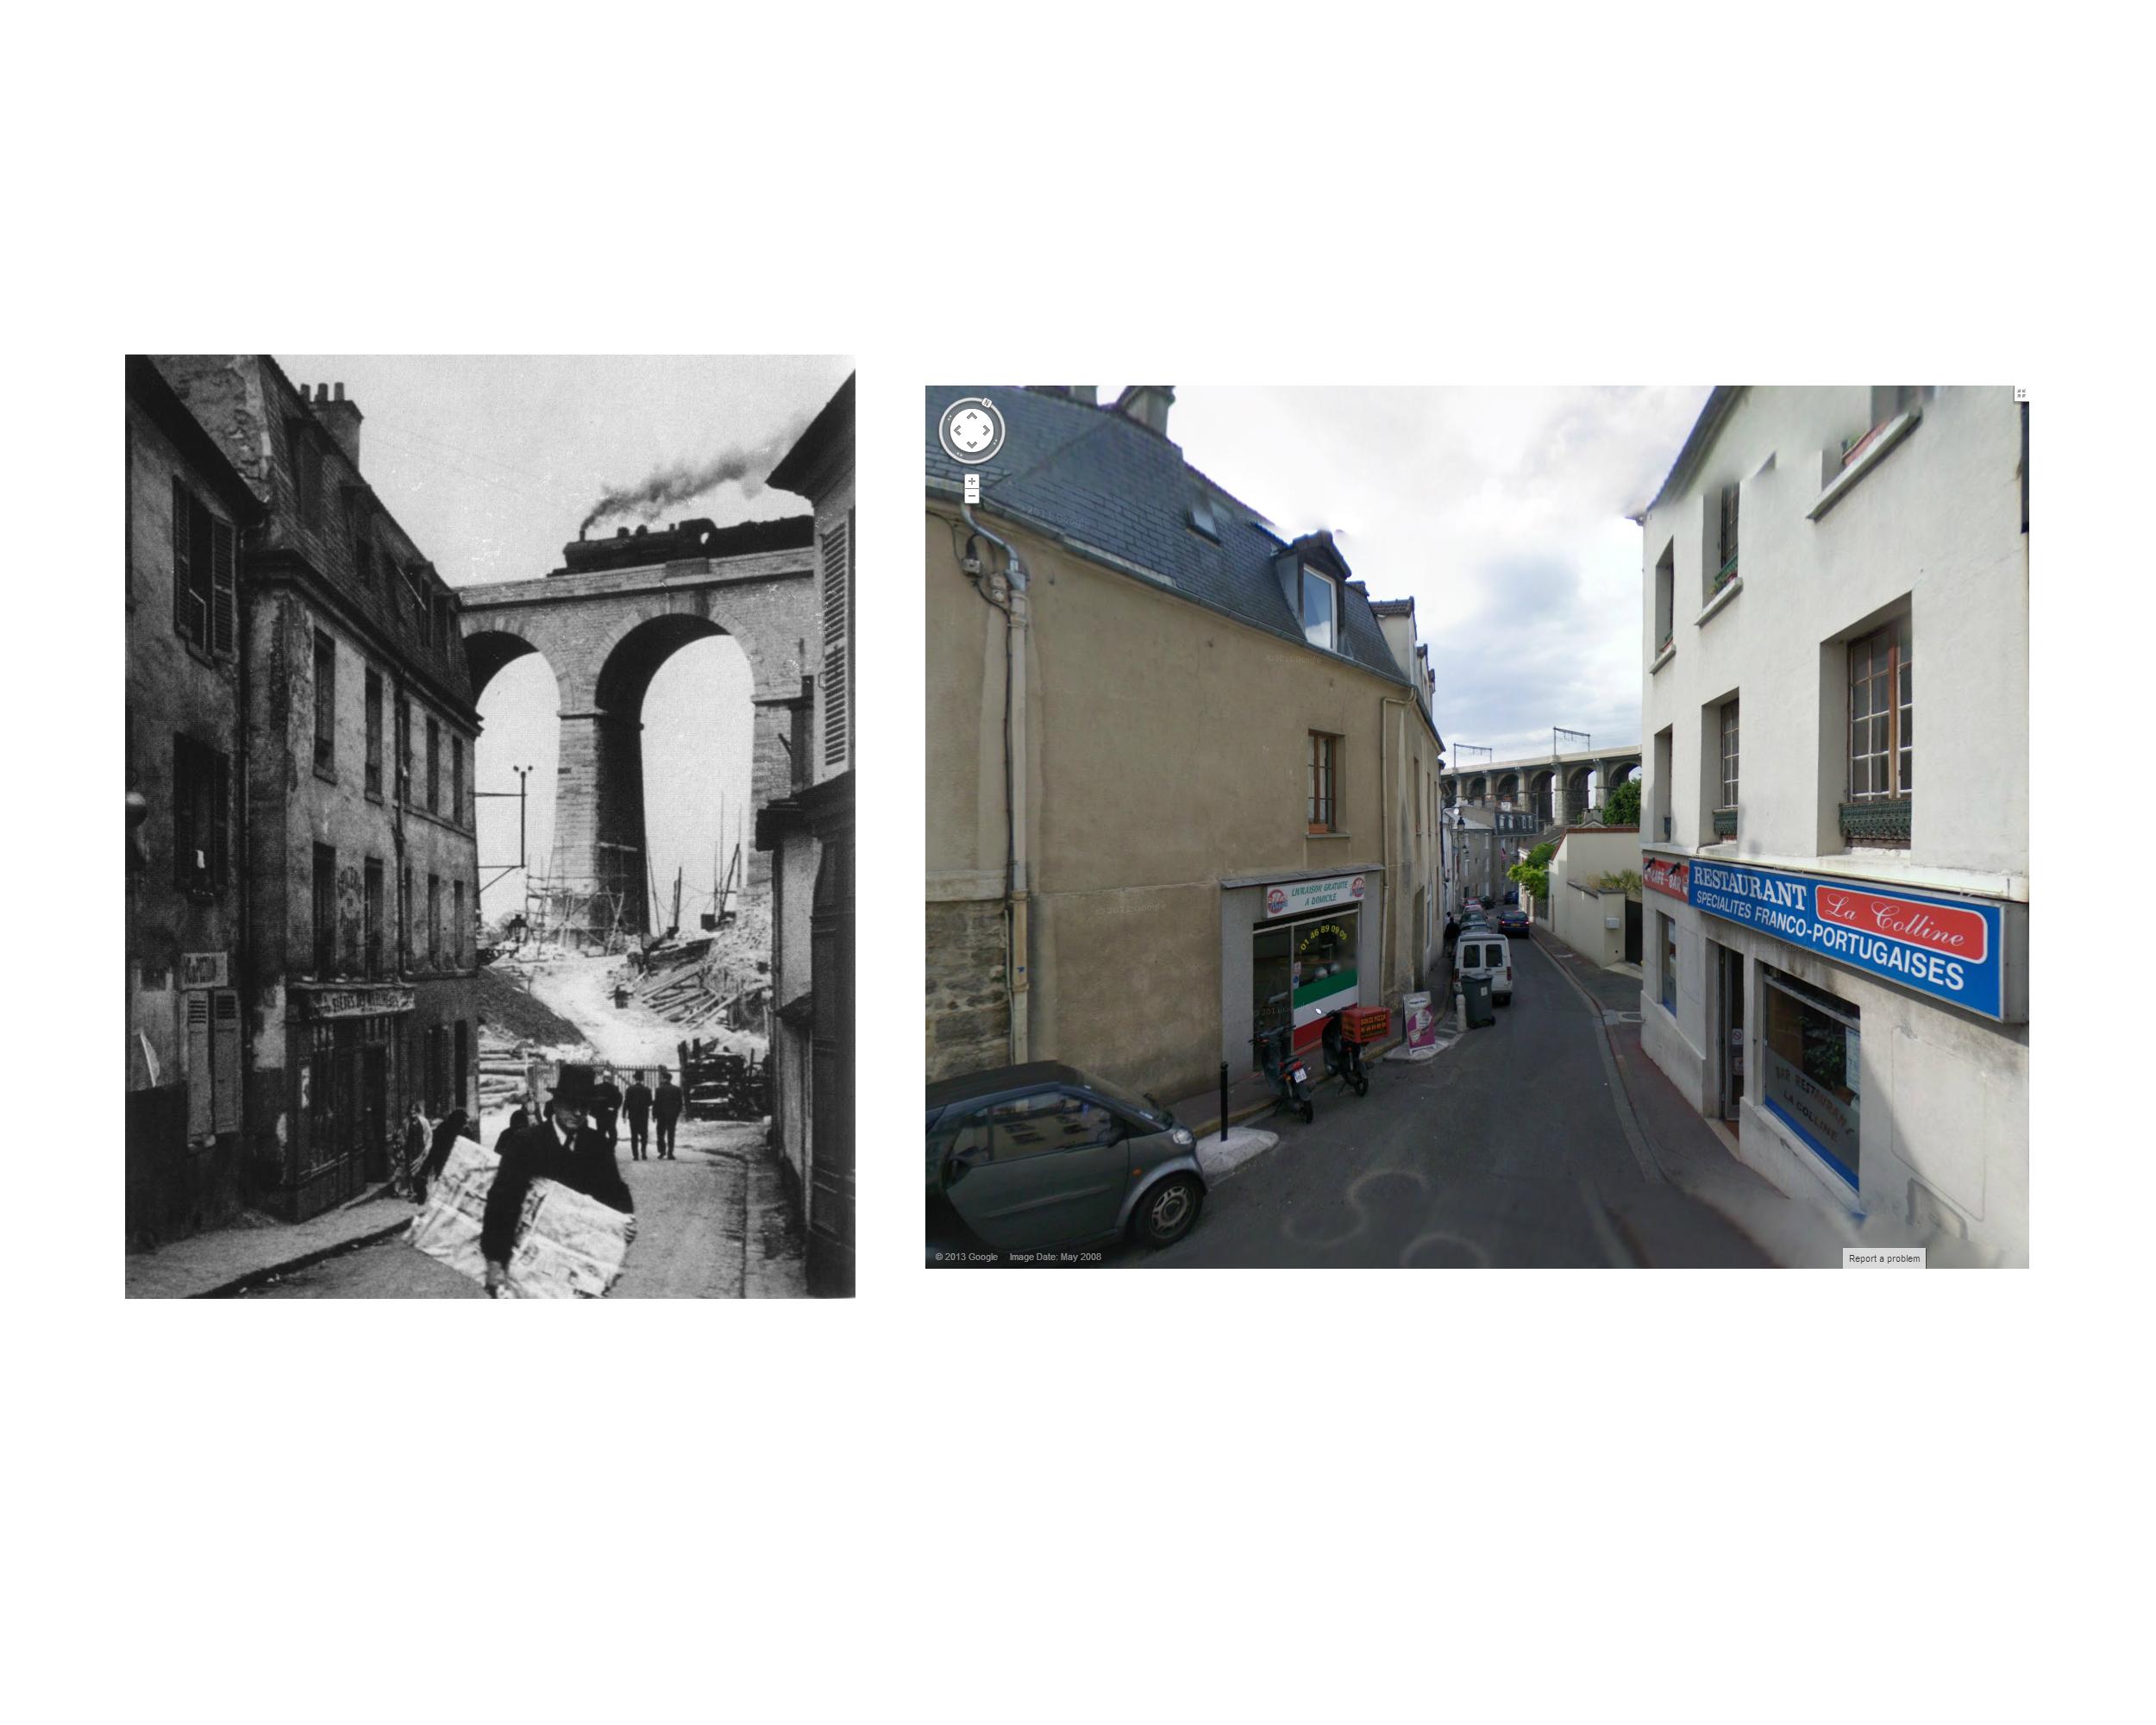 Andre Kertesz, Meudon, France 1928